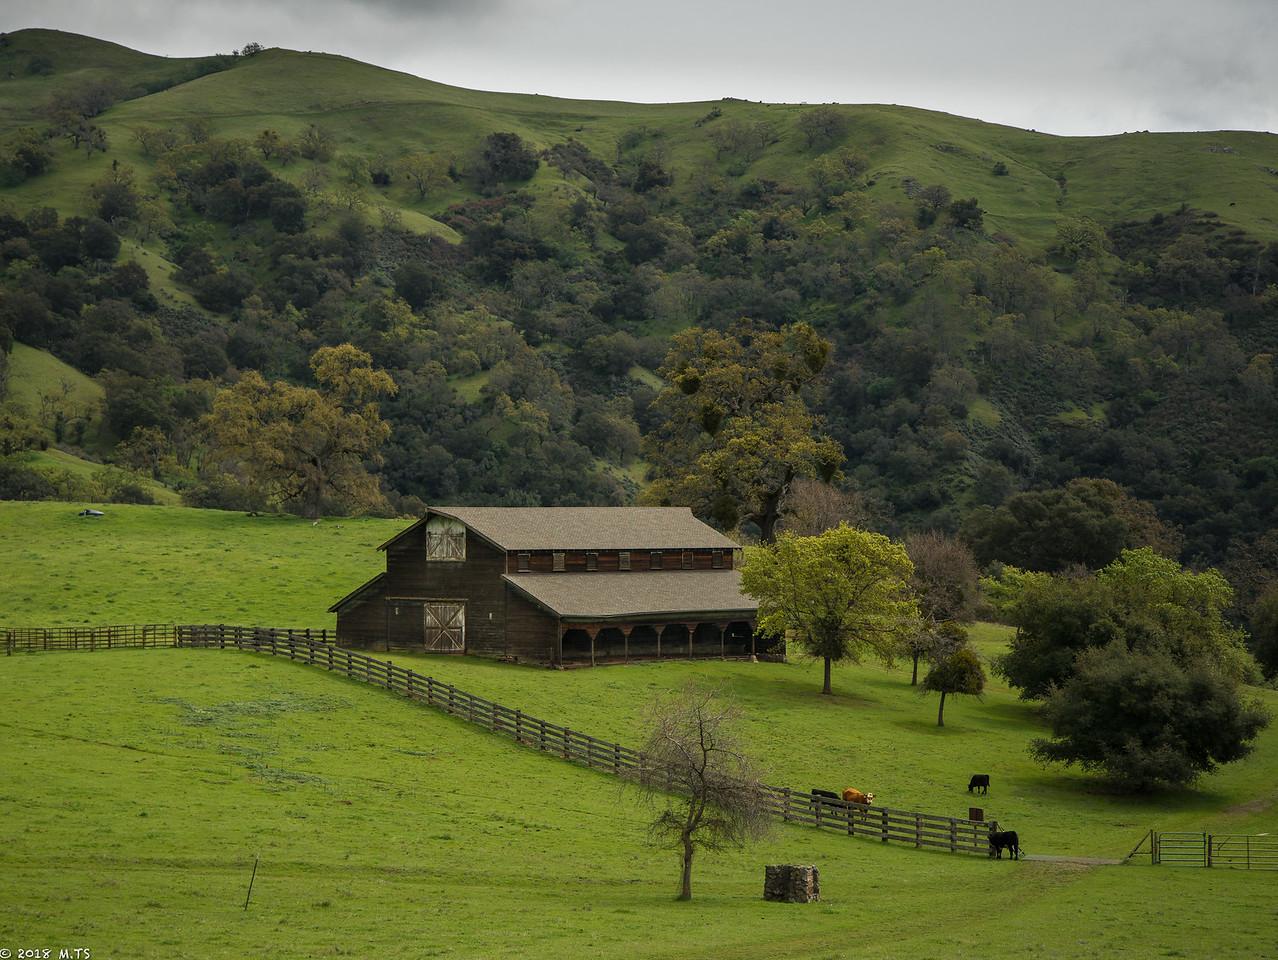 A Barn in Sunol-Ohlone WIlderness